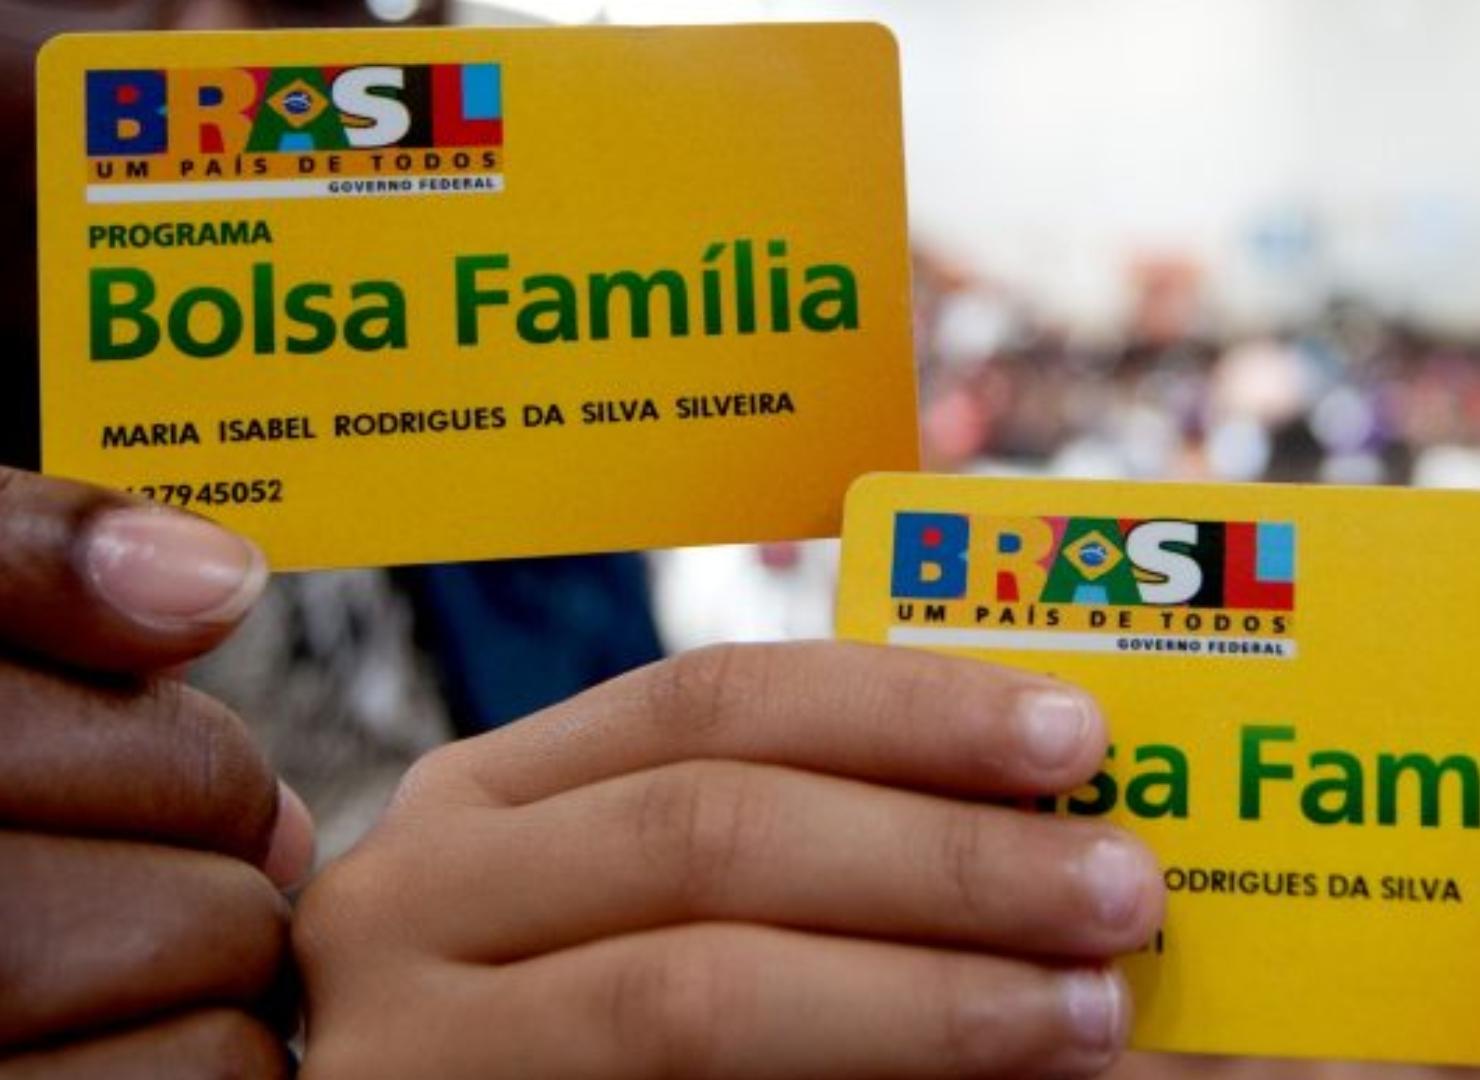 BOLSA FAMÍLIA: MAIS DE CINCO MIL PESSOAS SÃO CONVOCADAS PARA DEVOLVER VALORES RECEBIDOS INDEVIDAMENTE